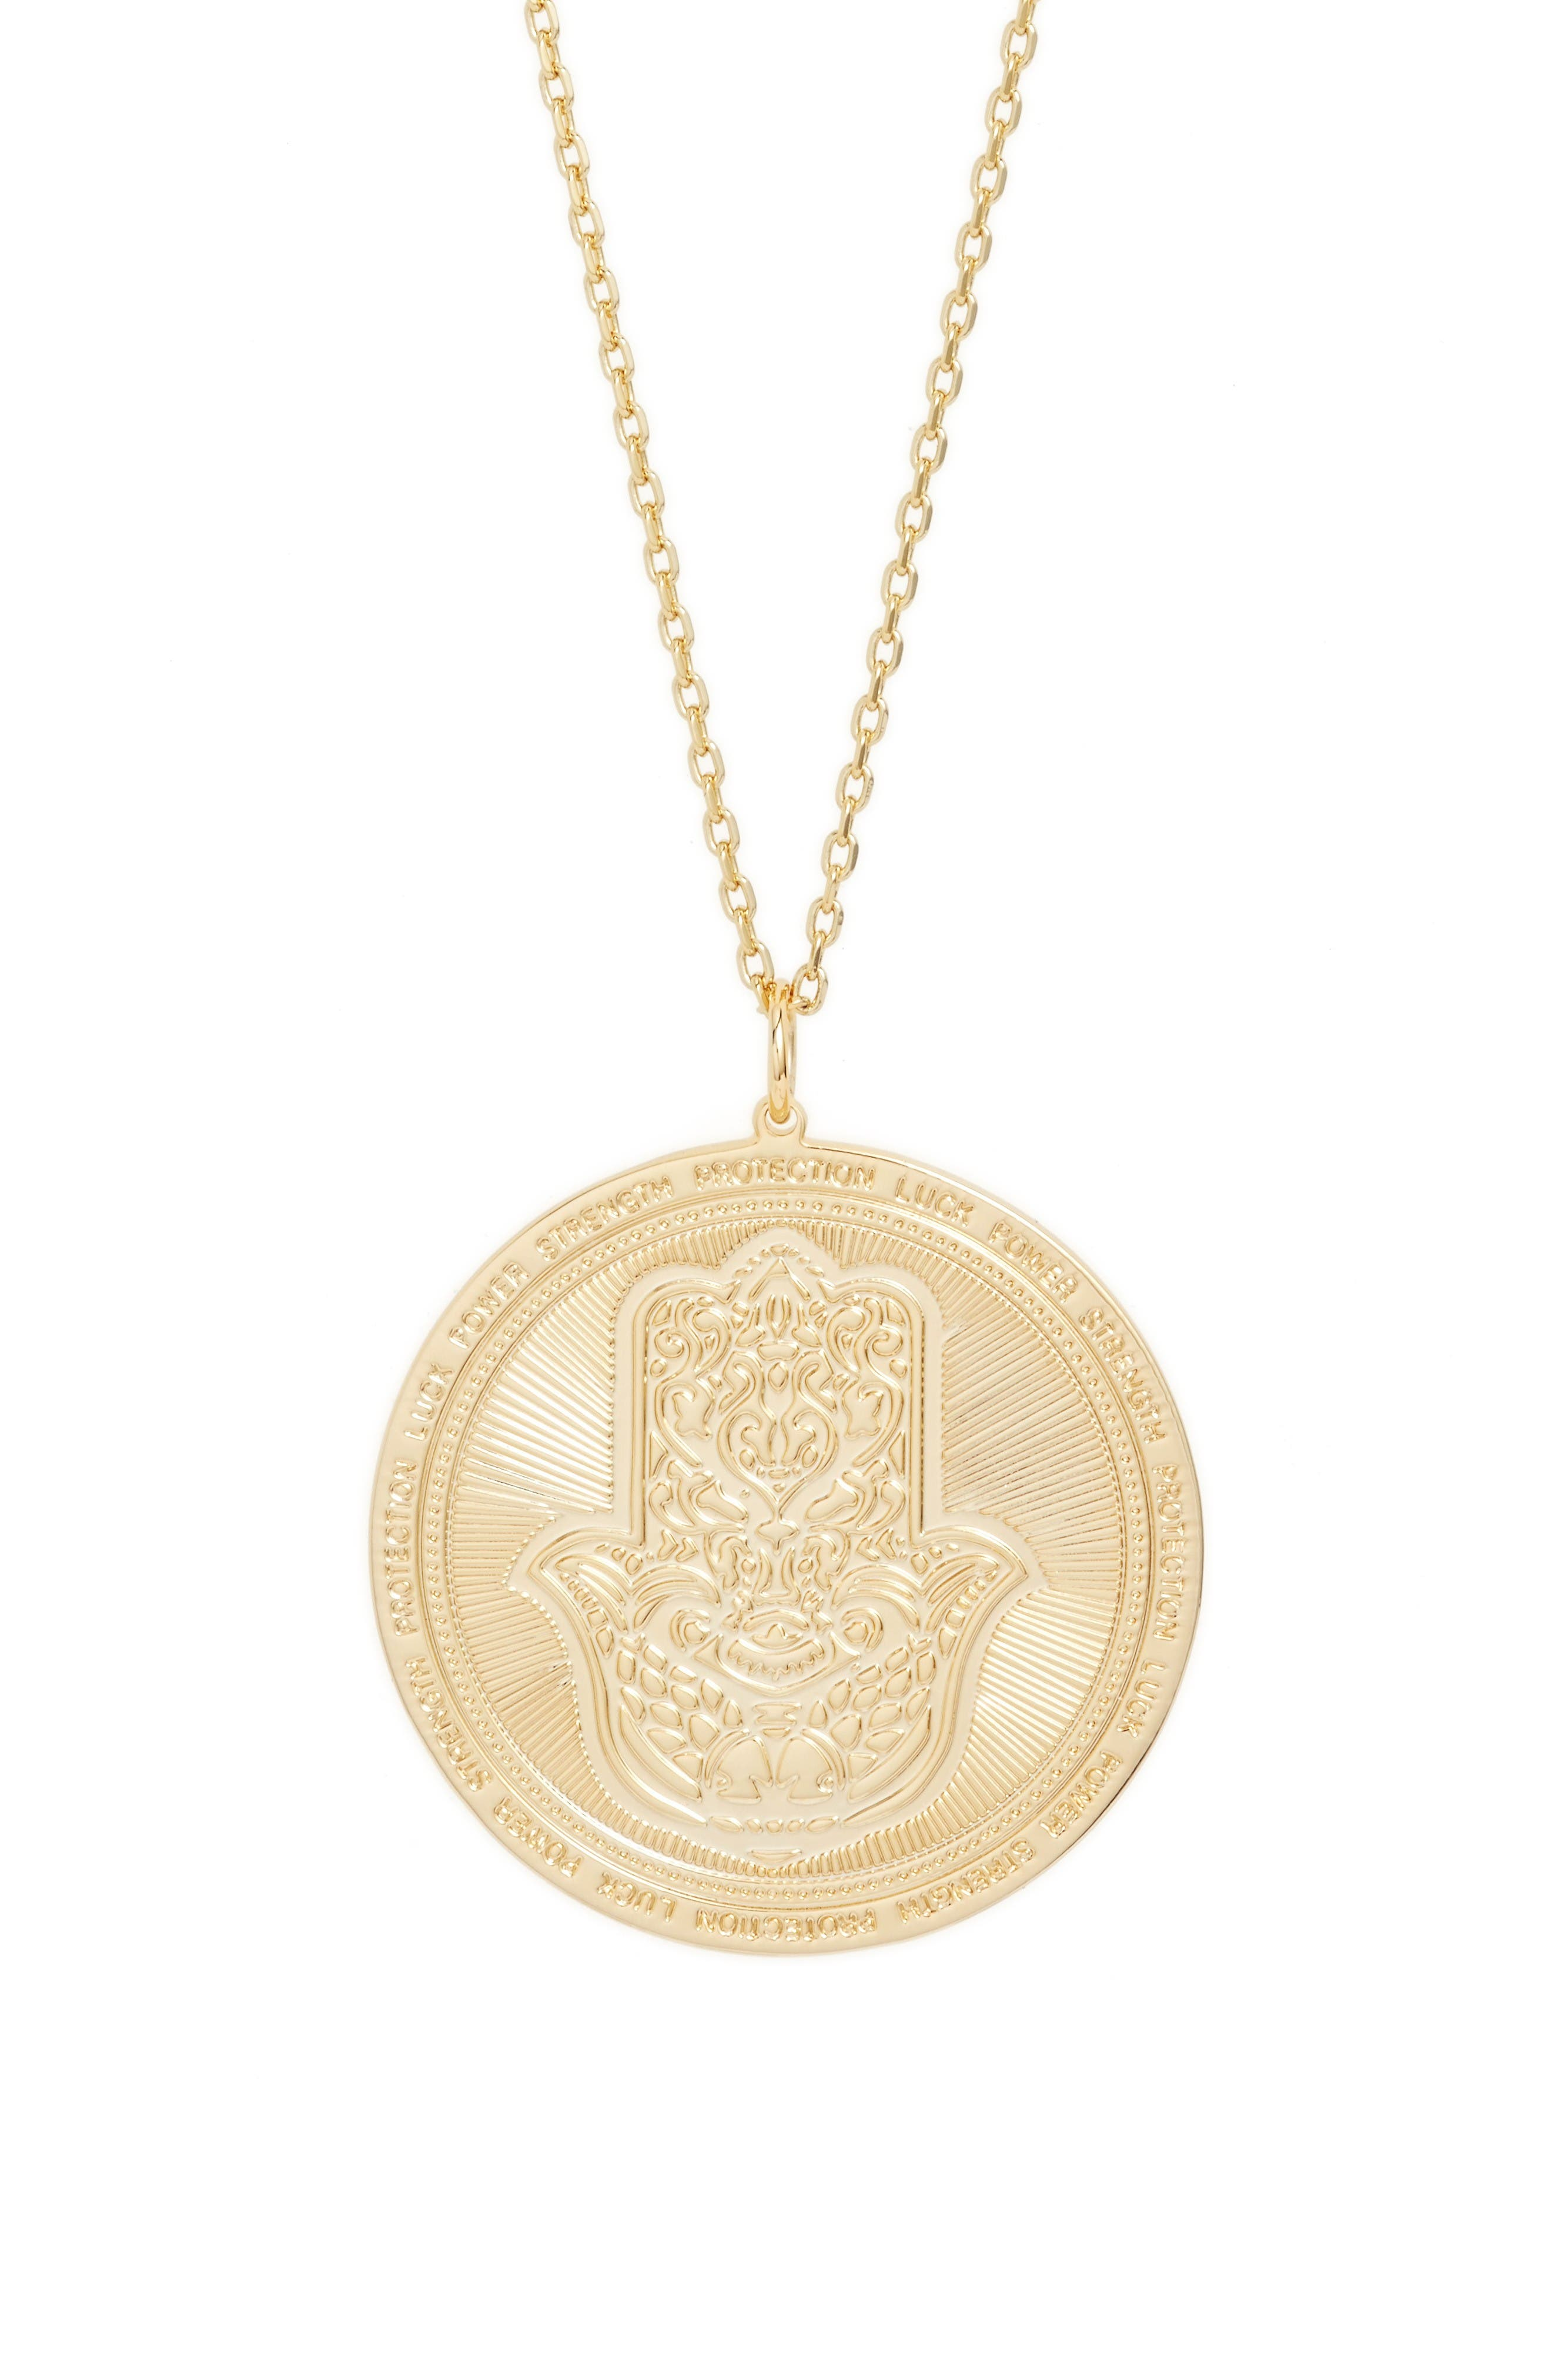 Hamsa Love Letters Pendant Necklace,                         Main,                         color, Hamsa/ Gold